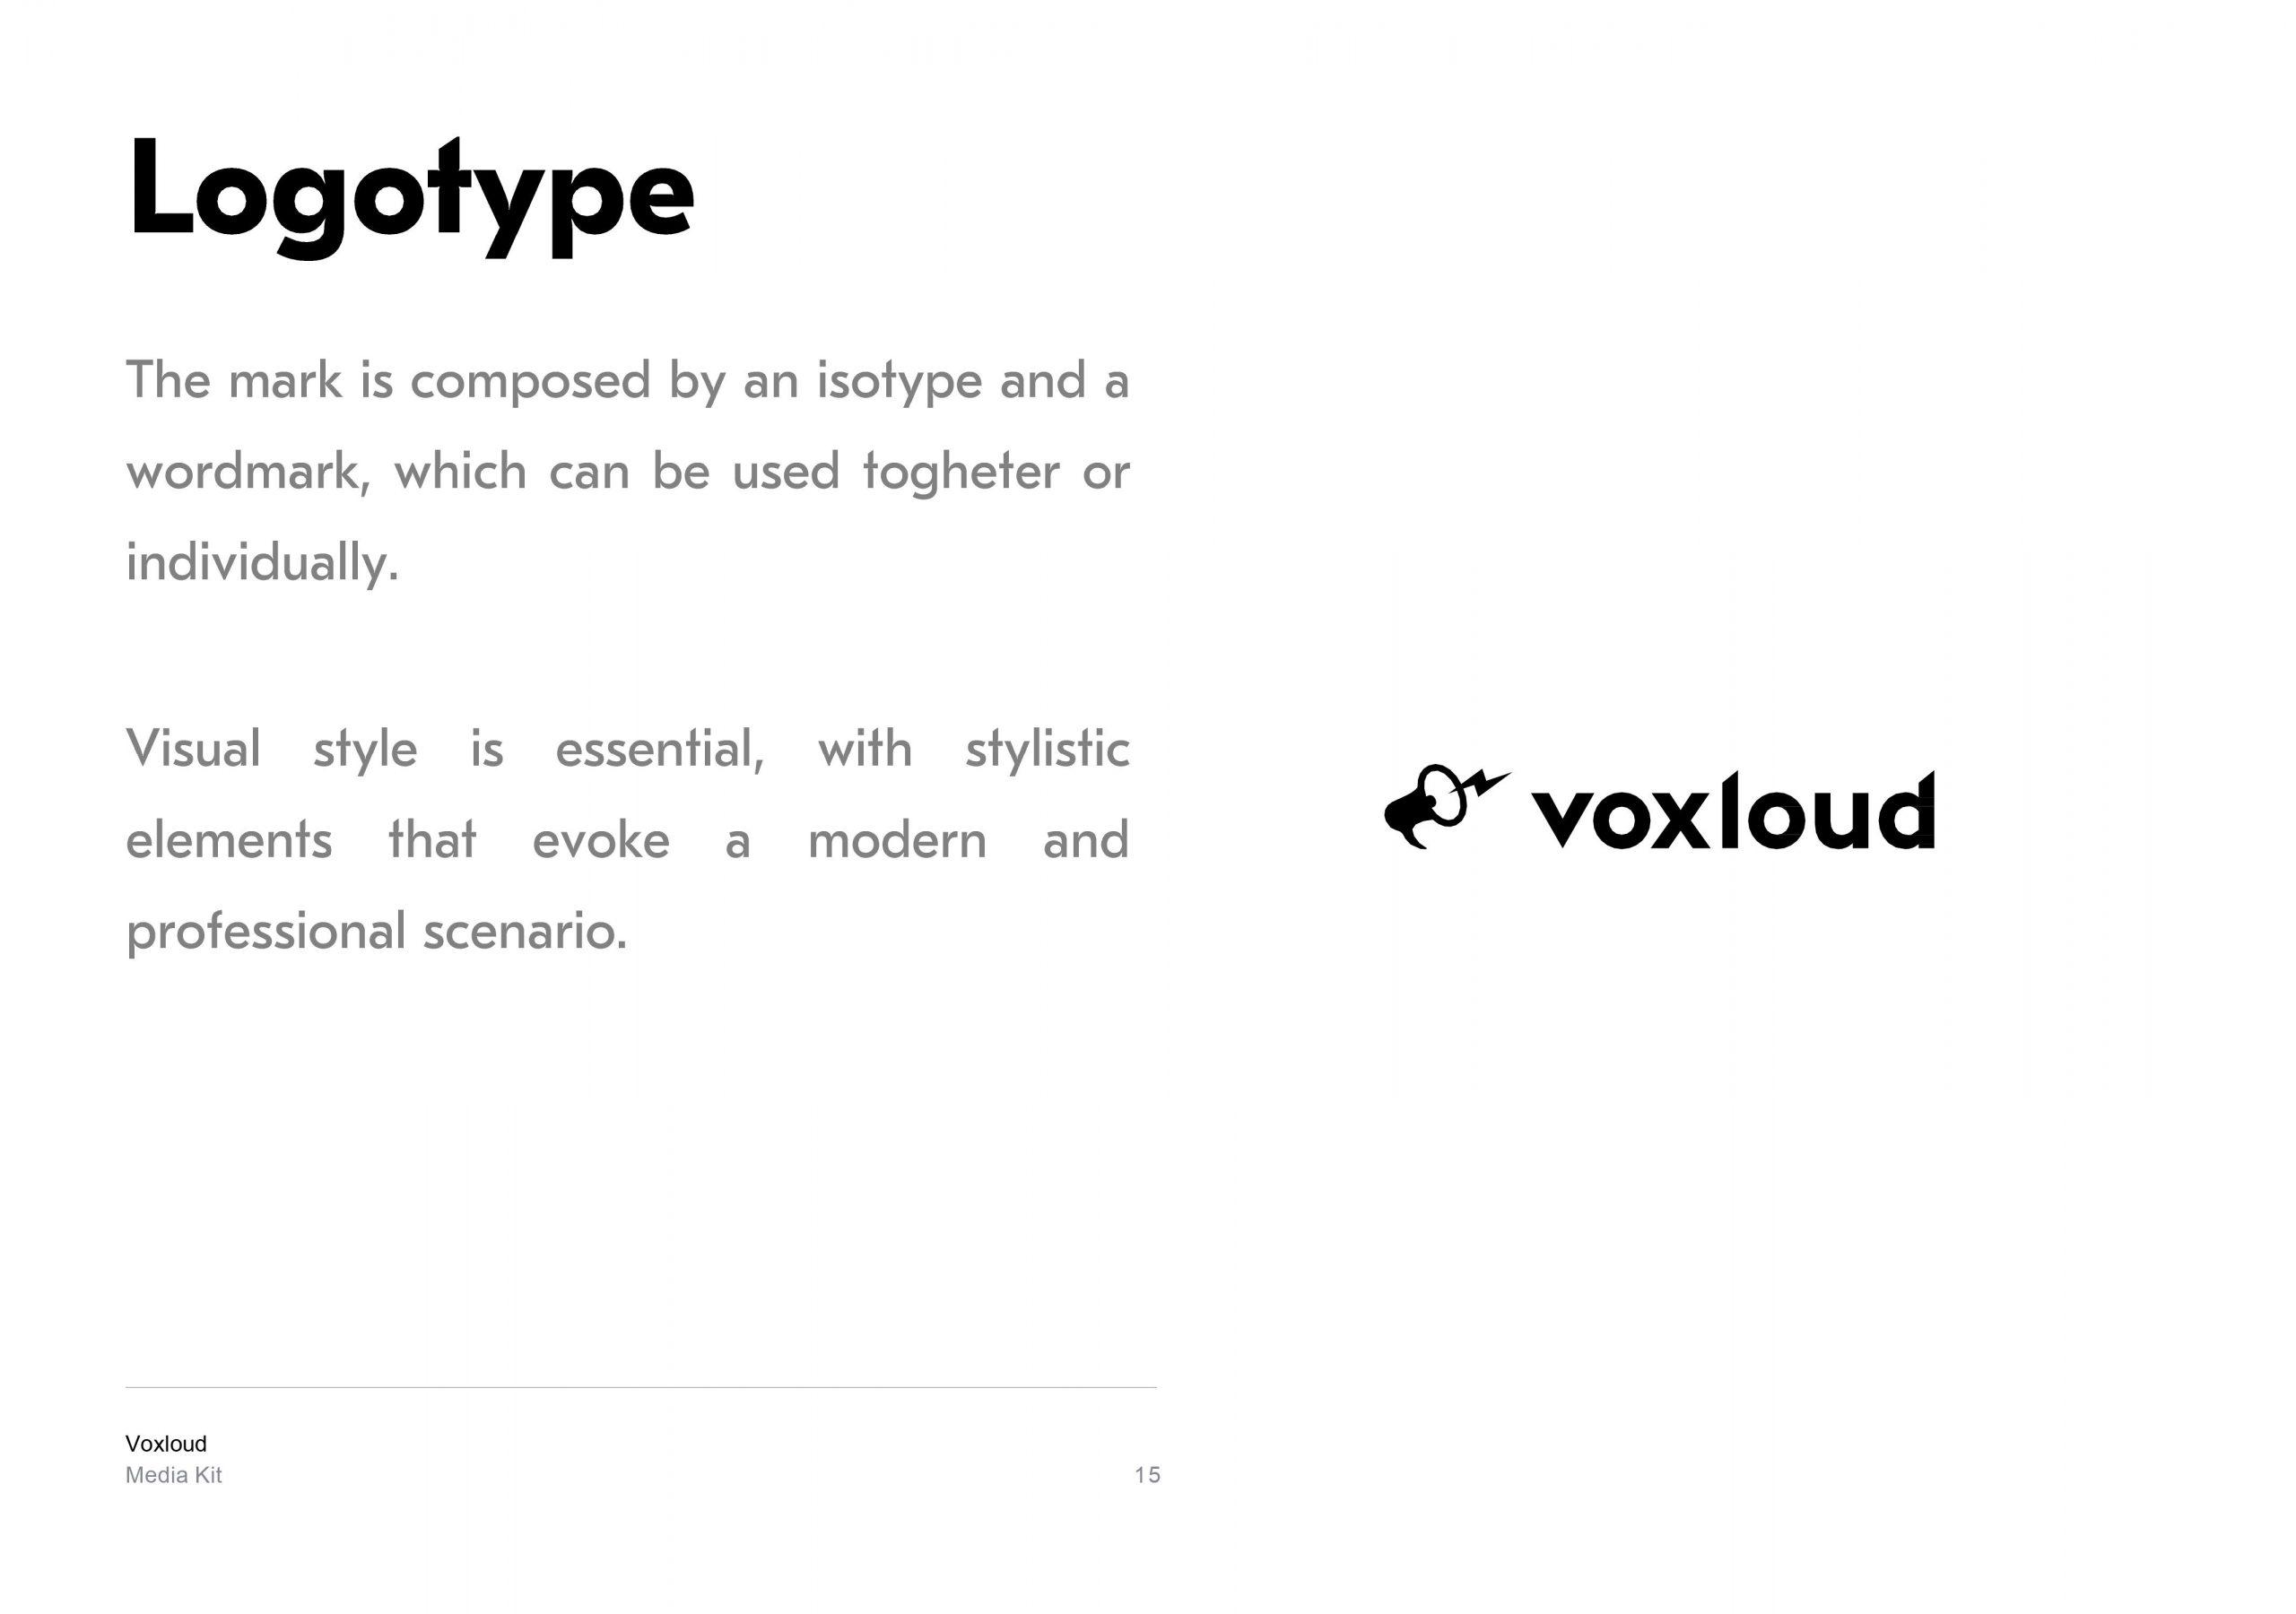 Voxloud Media Kit_15